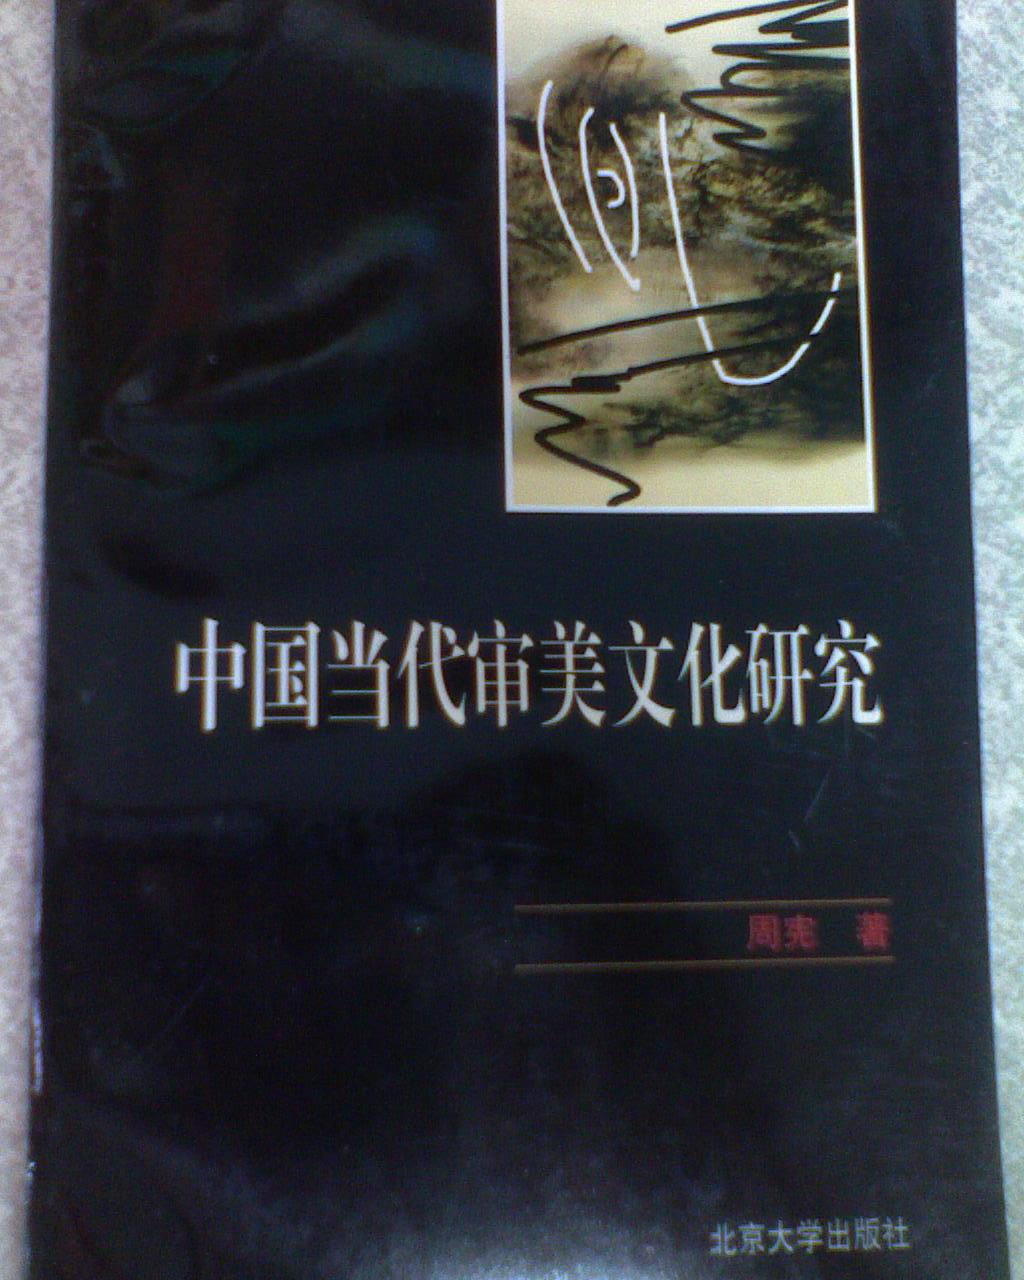 中国当代审美文化研究